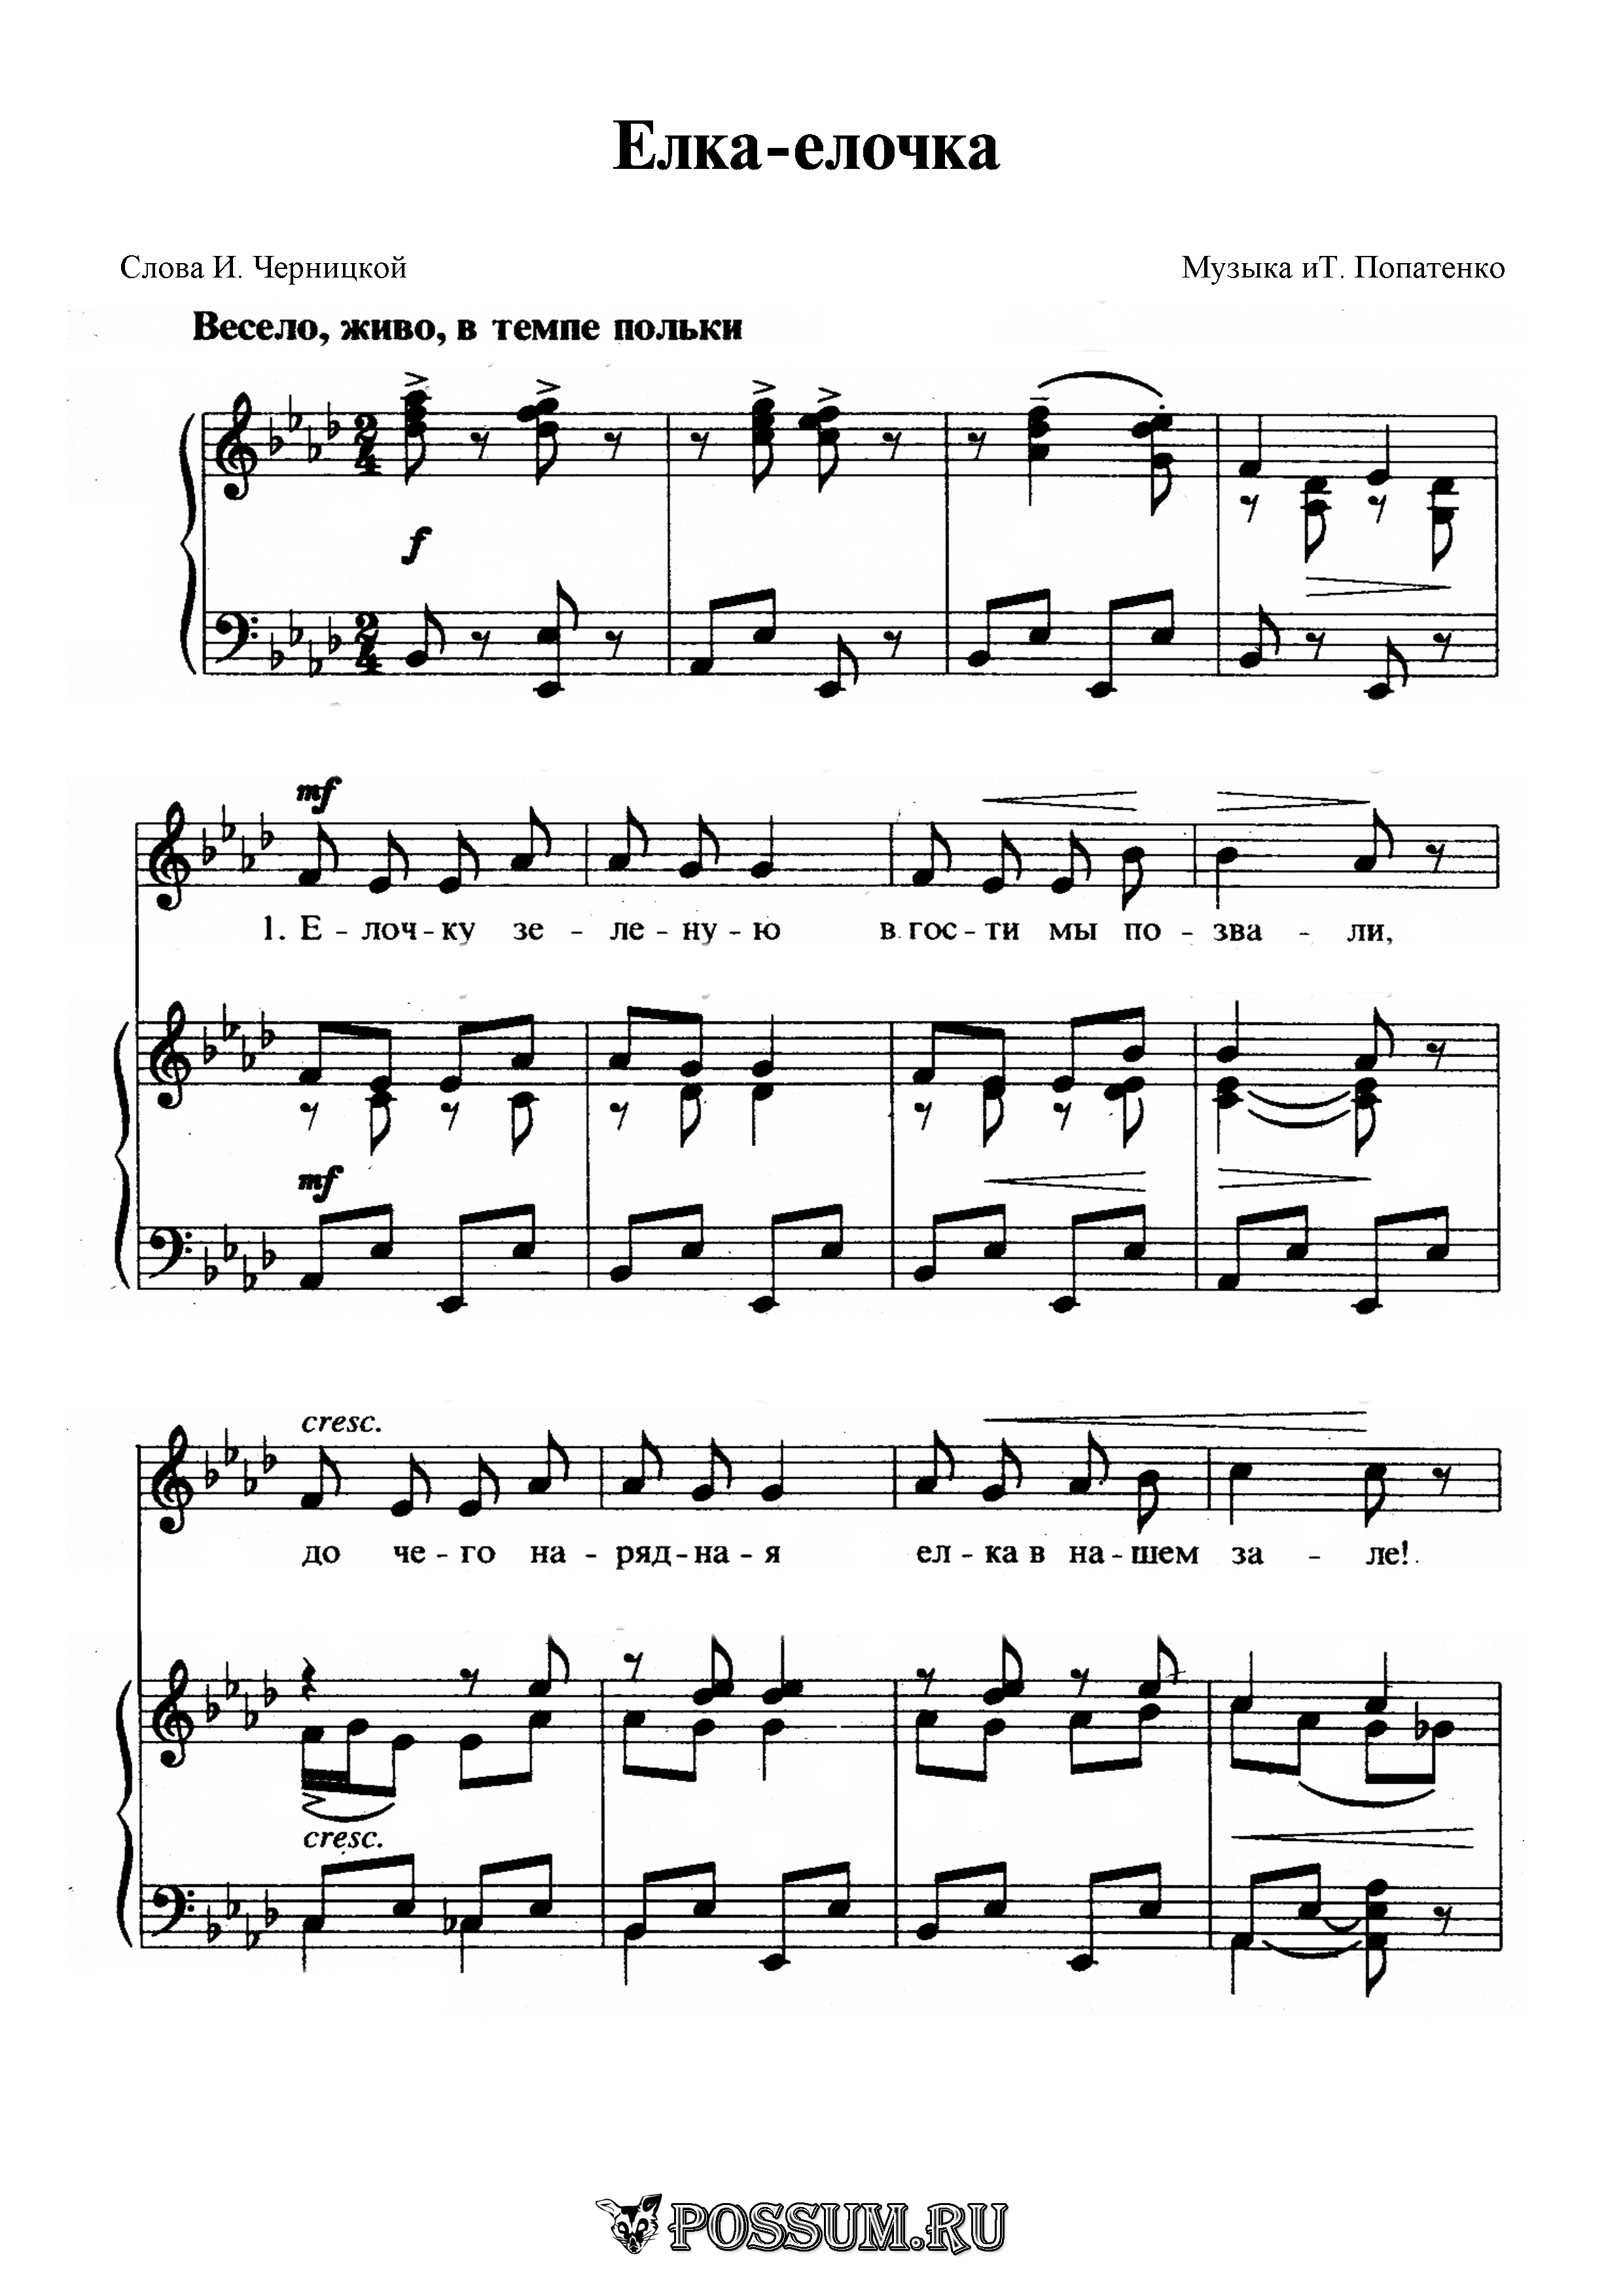 Детские песни про елку mp3 скачать бесплатно